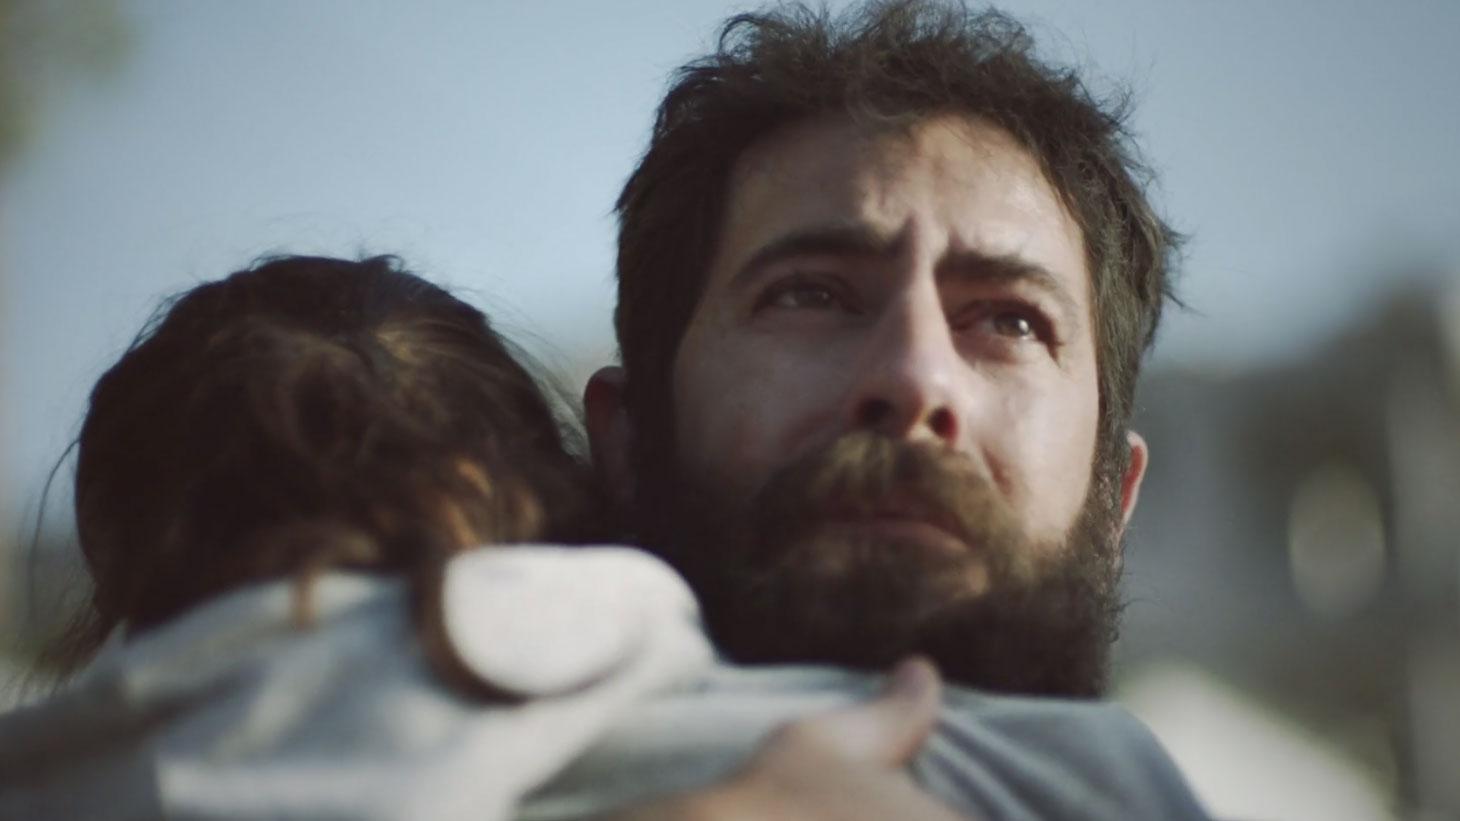 Un anuncio de Cruz Roja que denuncia el bombardeo de hospitales en los conflictos bélicos gana el Oscar de la publicidad